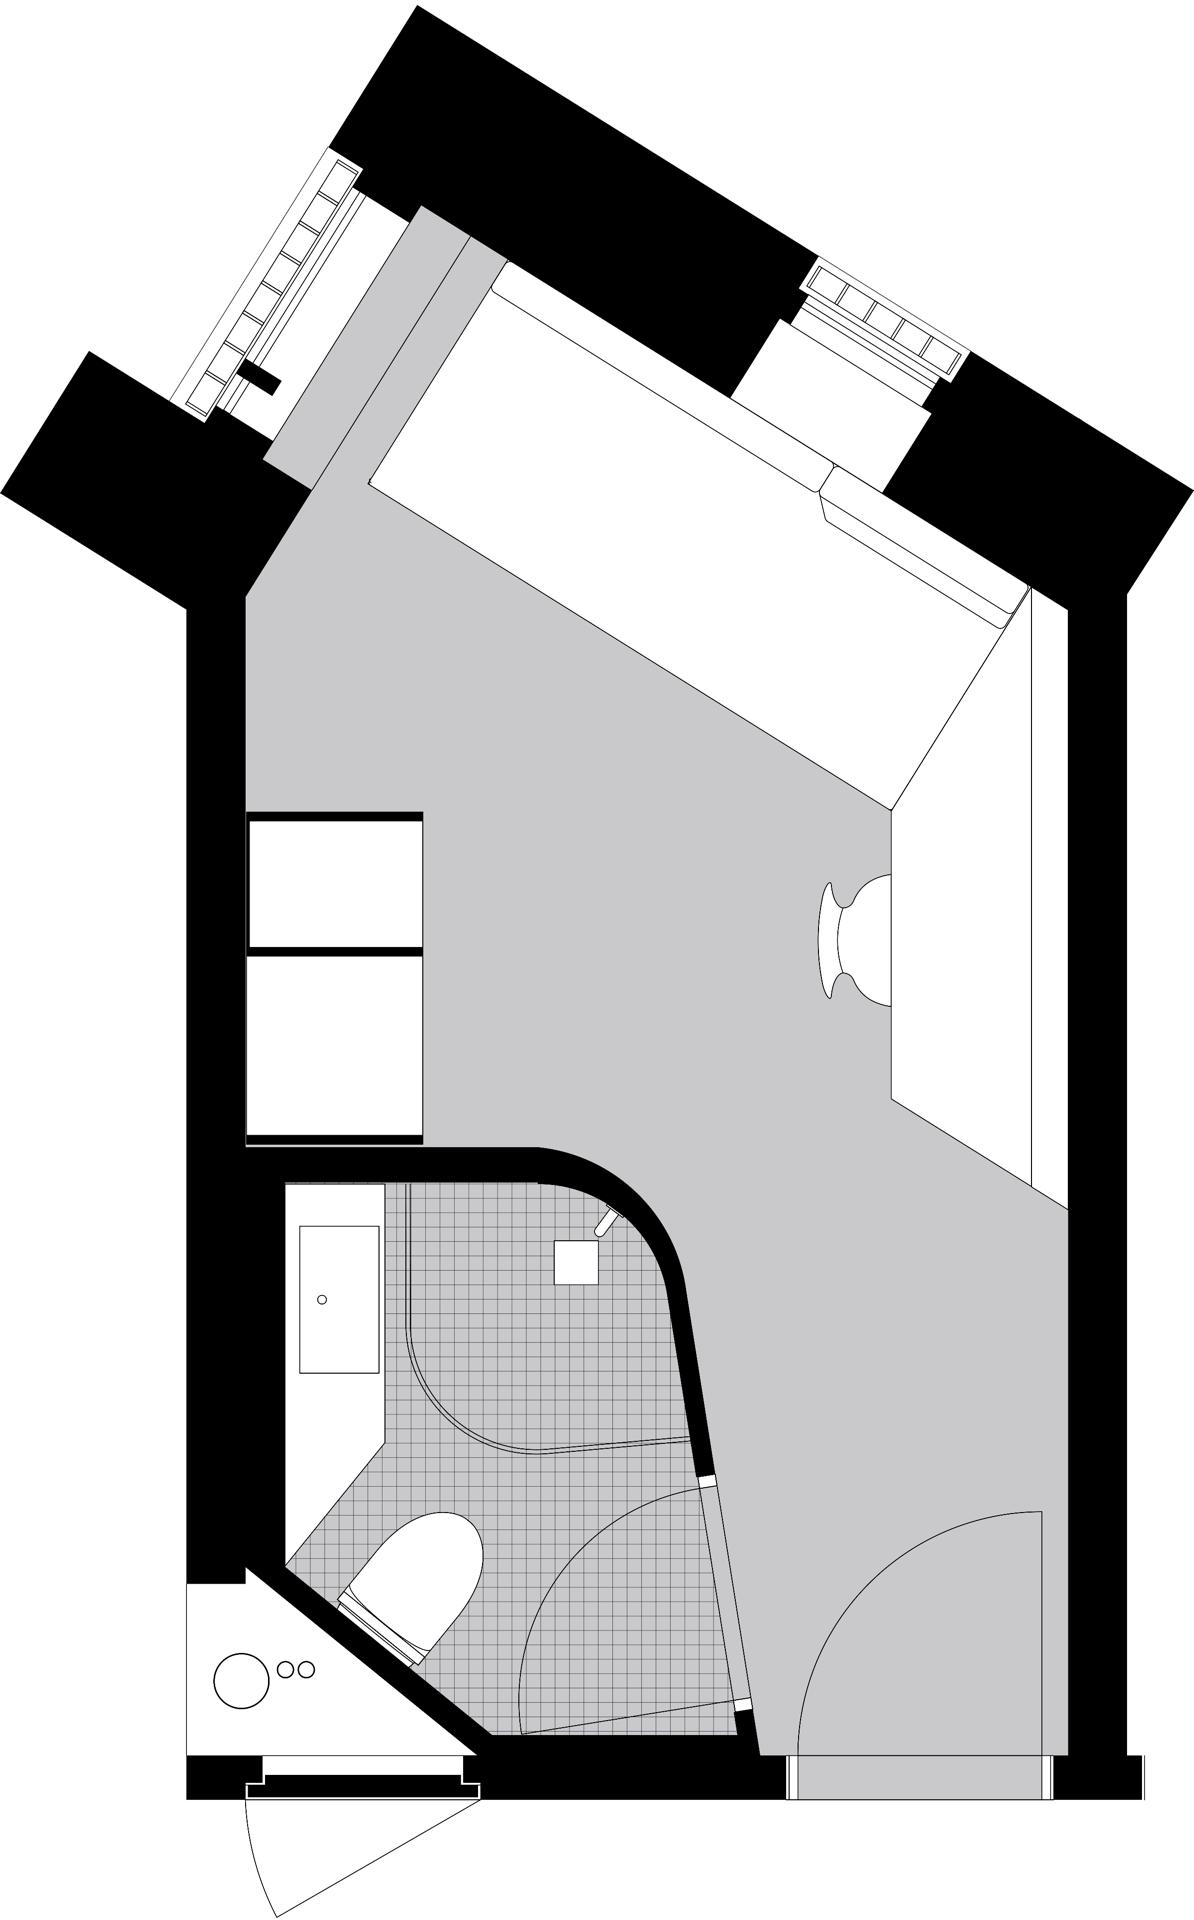 C. F. Møller Architects: Storstrøm Prison in Danimarca